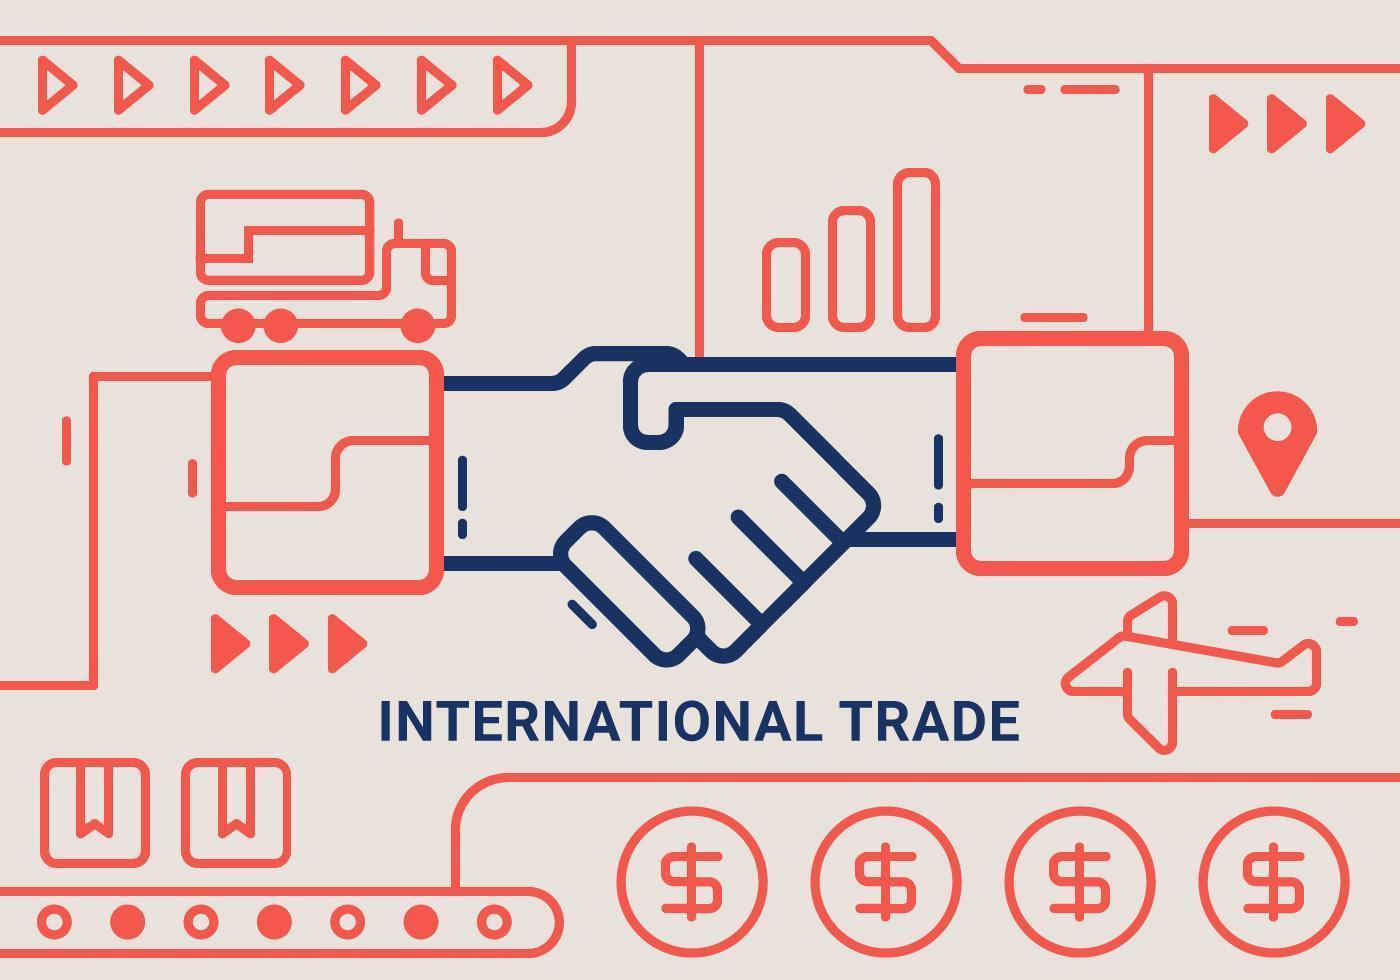 Vetores de negócios internacionais impressionantes